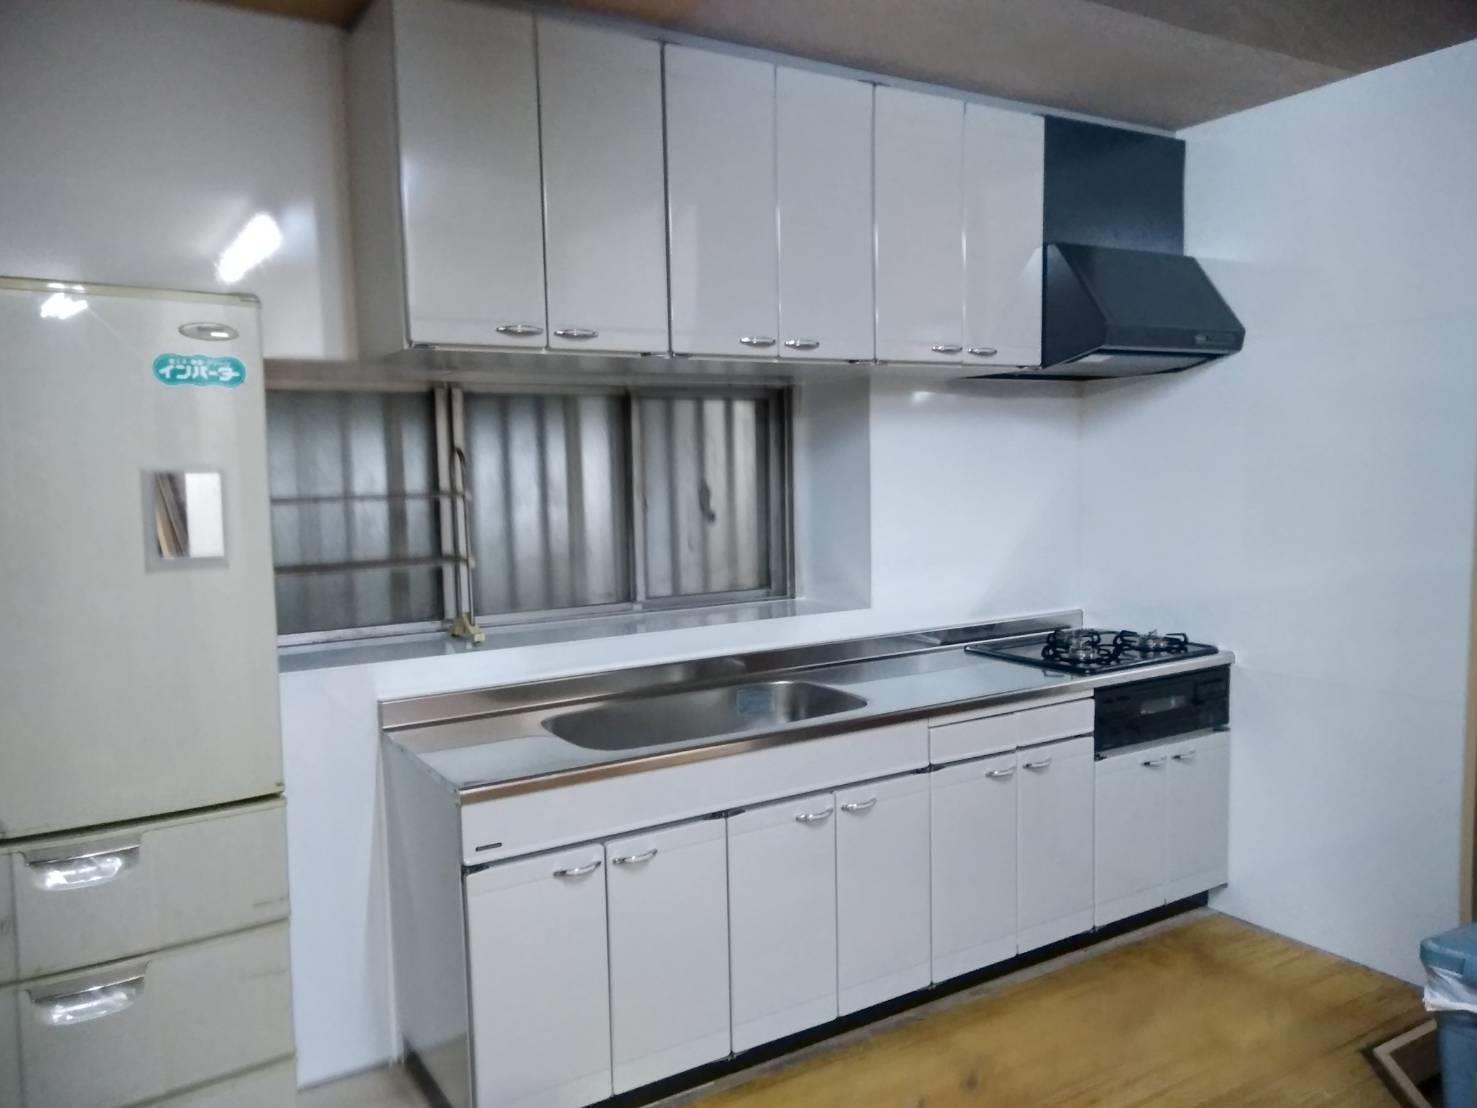 キッチンリフォーム(リフォーム施工事例)を公開しました。   沖縄や那覇でリフォームするなら【株式会社 あうん工房】